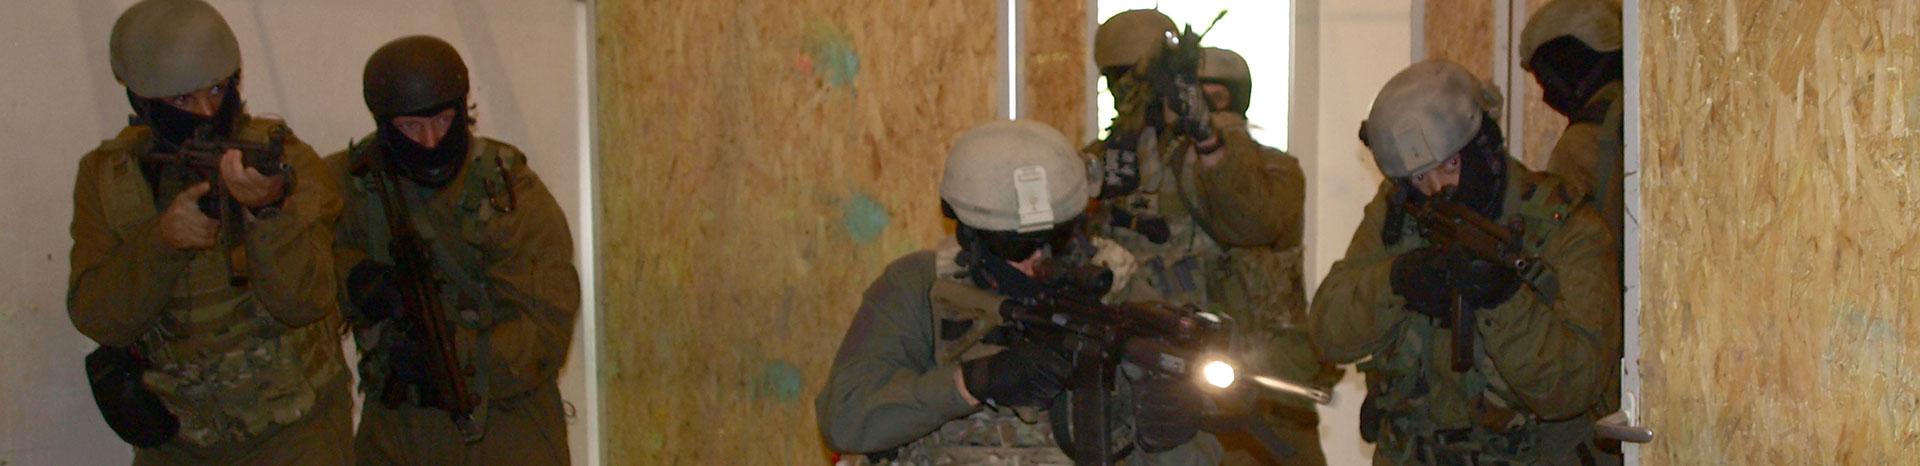 Nabestaanden claimen schade bij defensie na overlijden commando | LetselPro